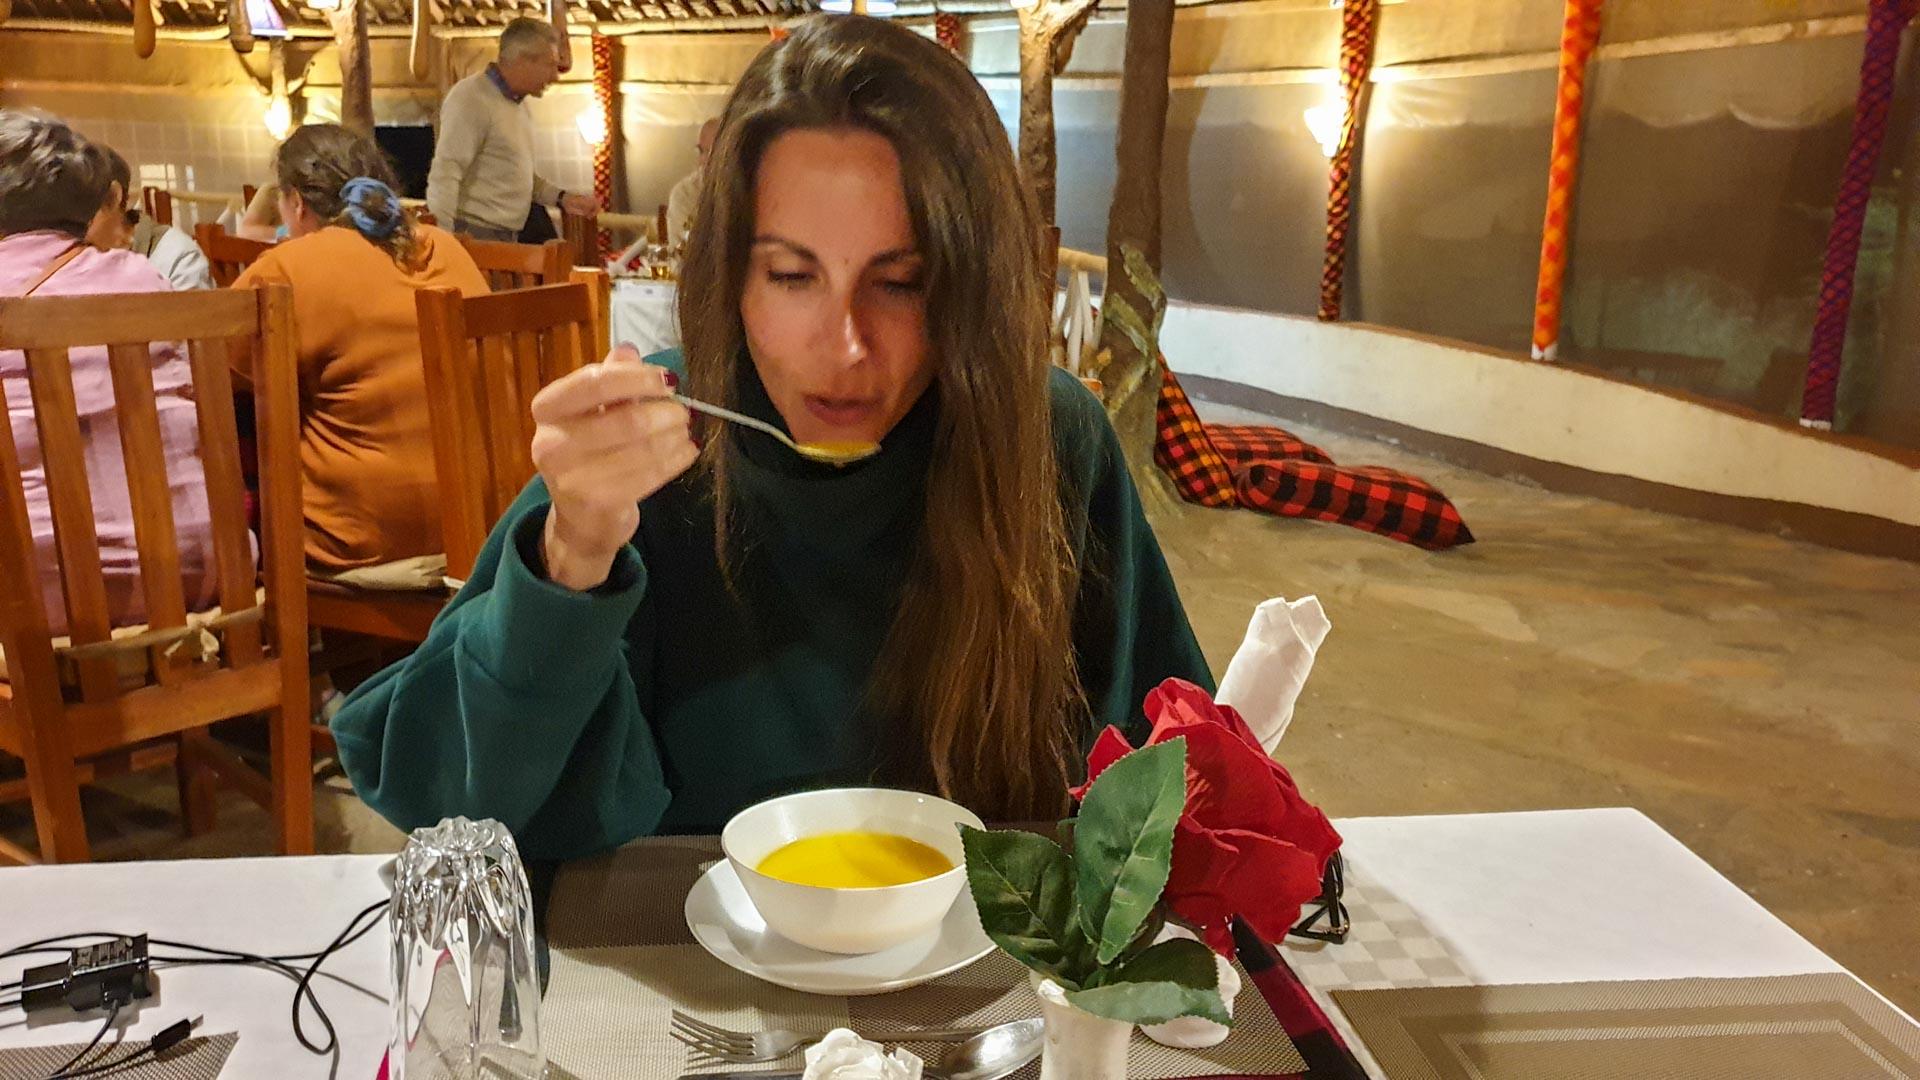 Crema de verduras para cenar en Enkorok Mara Camp, Masai Mara, Kenia